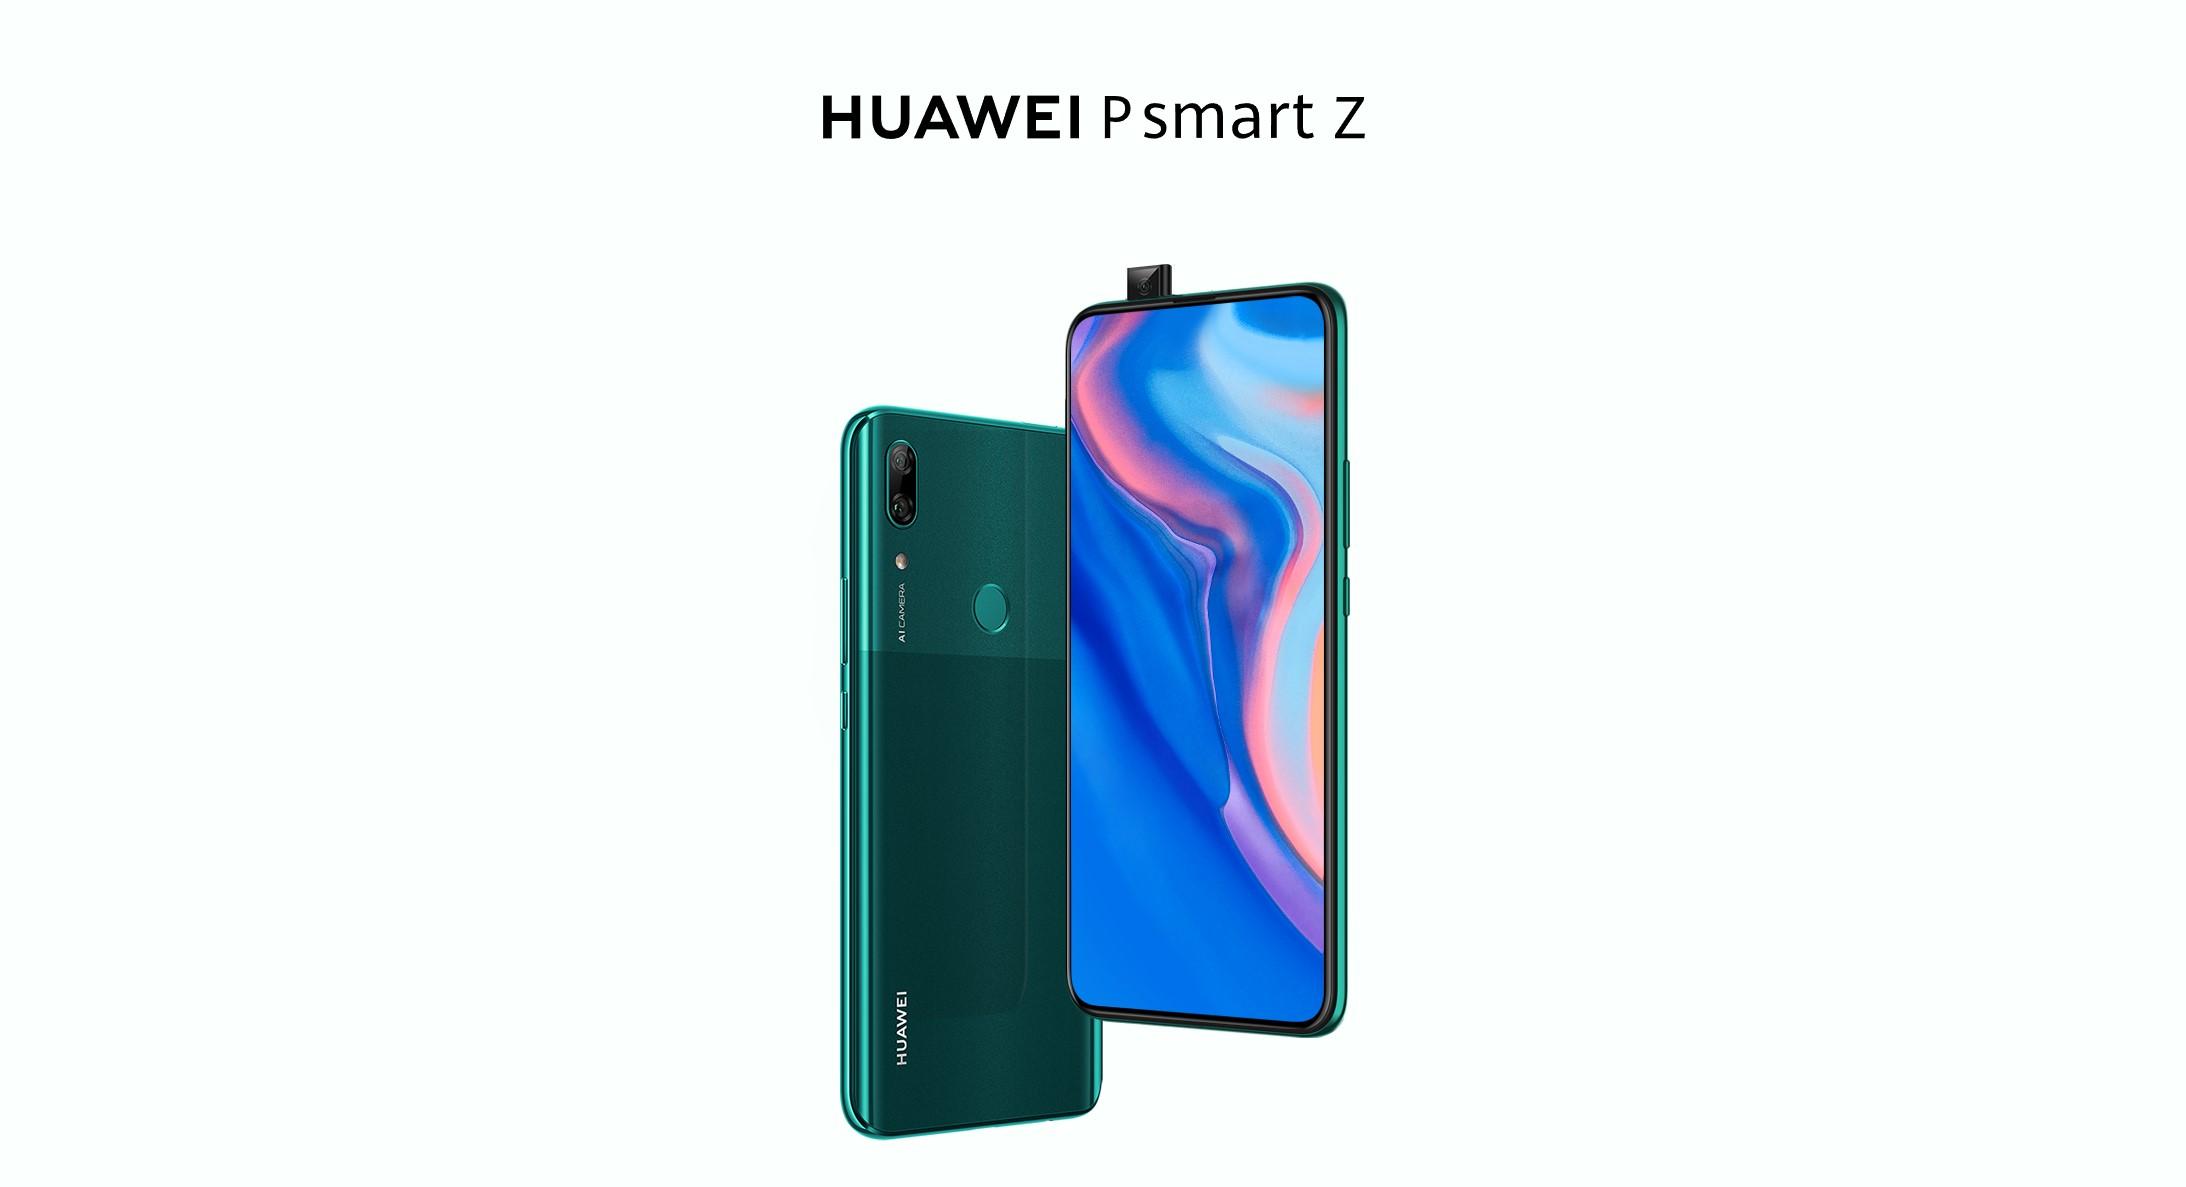 HUAWEI P smart Z je novinka s výsuvnou kamerou, stojí 279 eur